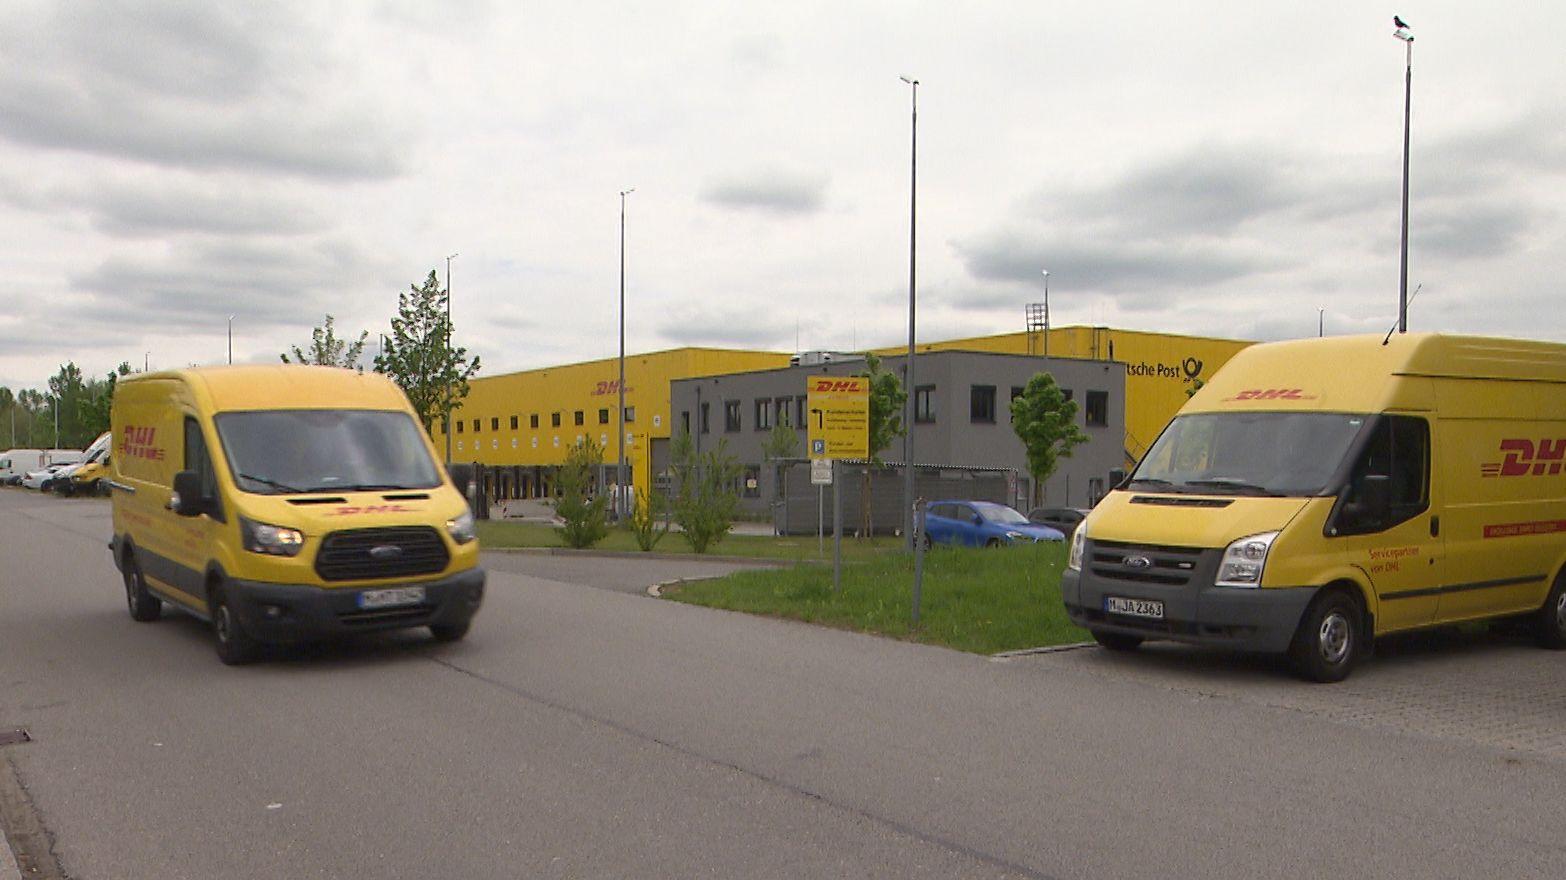 Fahrzeuge songenannter Servicepartner von DHL vor einem Logistikzentrum